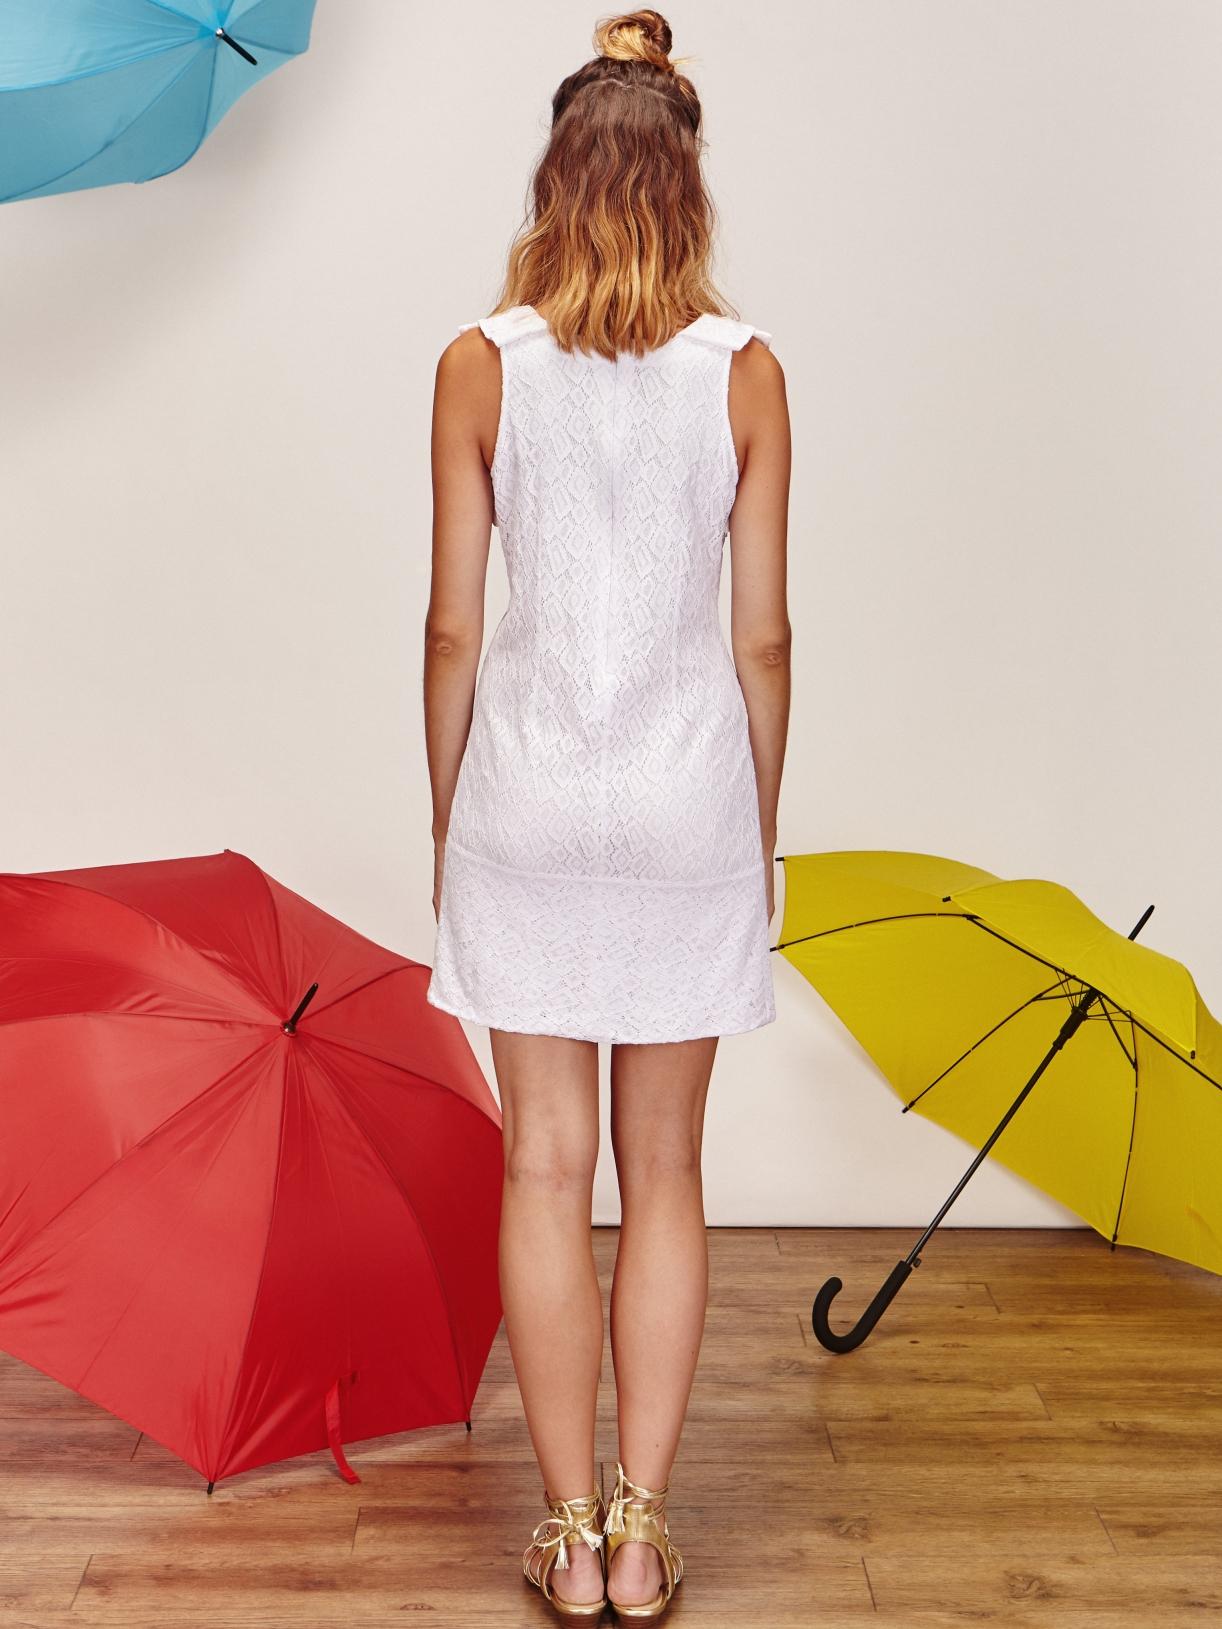 JULIETTE - Robe de mariée courte créateur et sur-mesure pas cher a Paris - Myphilosophy